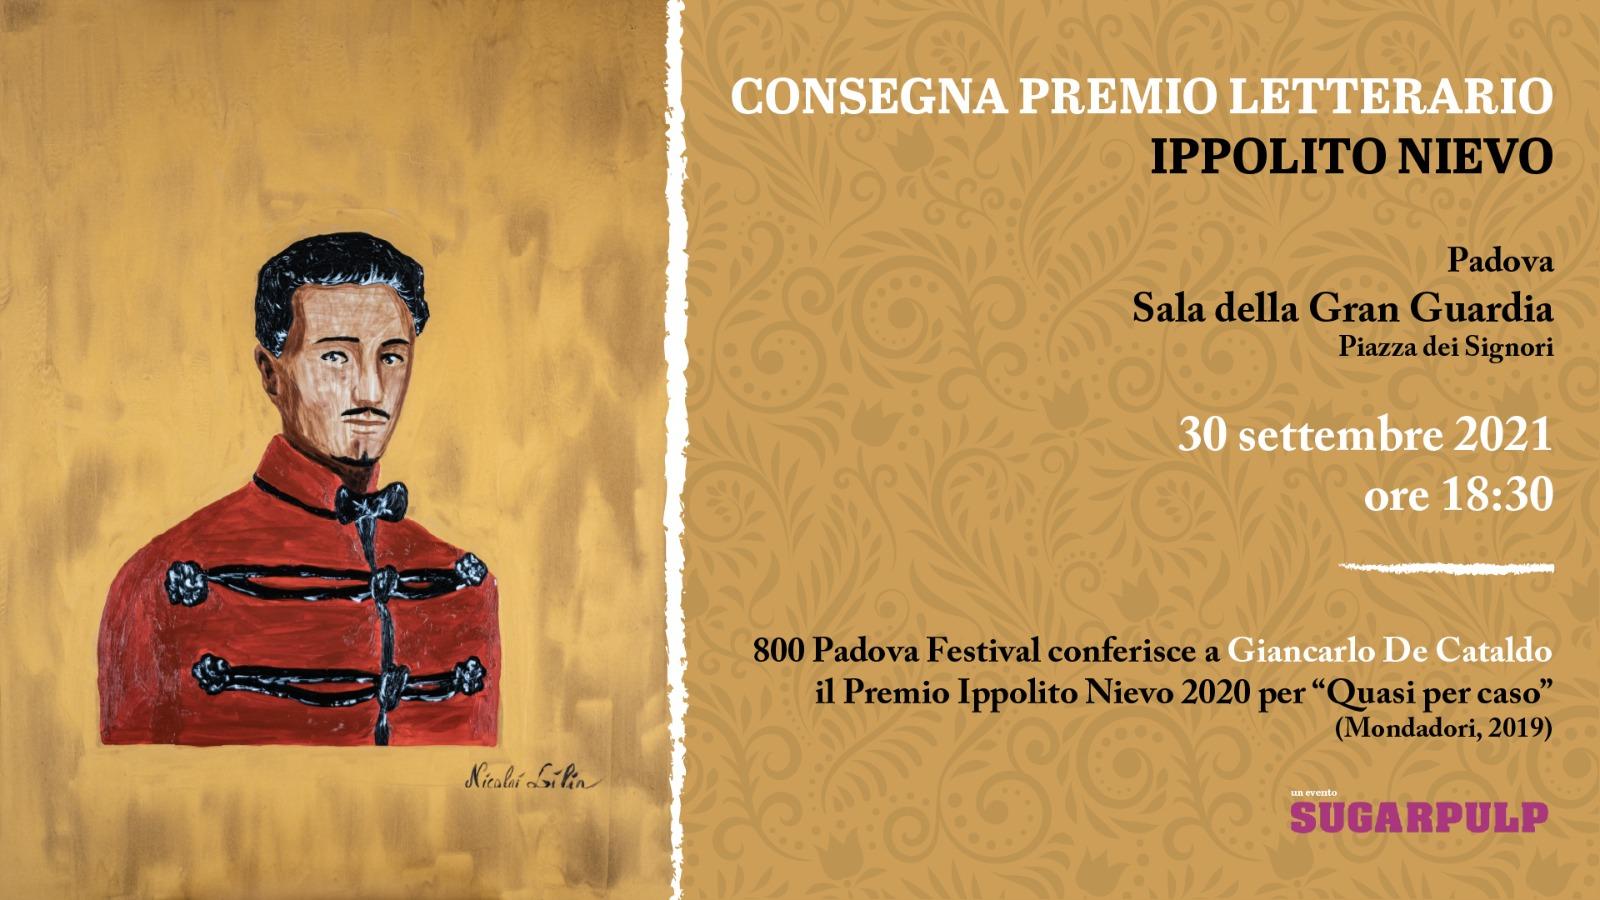 Consegna del Premio Ippolito Nievo a Giancarlo De Cataldo, appuntamento giovedì 30 settembre alle 18:30 presso la Sala della Gran Guardia di Padova.